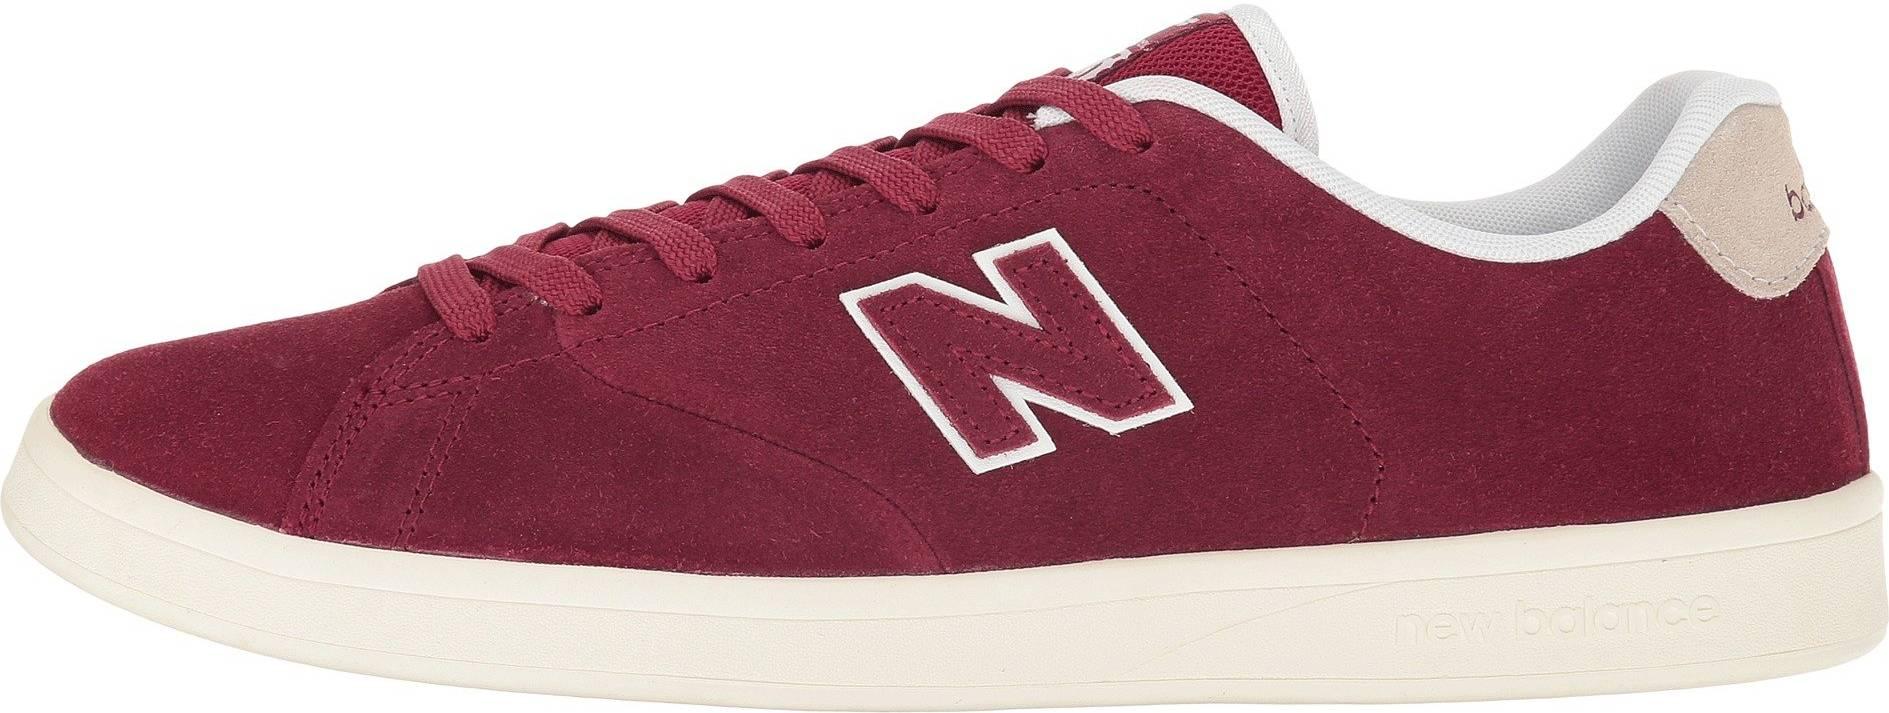 20 New Balance skate sneakers - Save 50%   RunRepeat